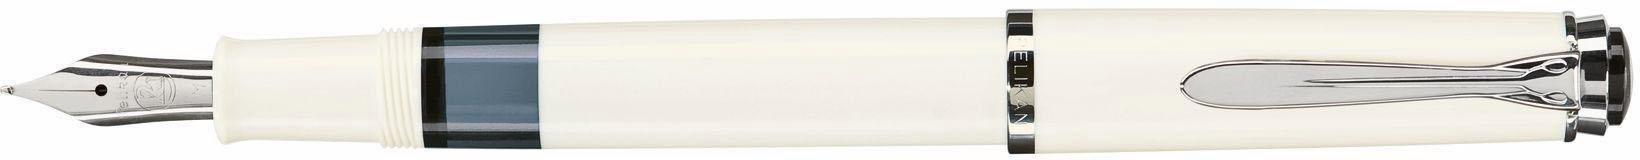 Pelikan vulpen, »Classic M 205, wit, schrijfpuntbreedte M« voordelig en veilig online kopen